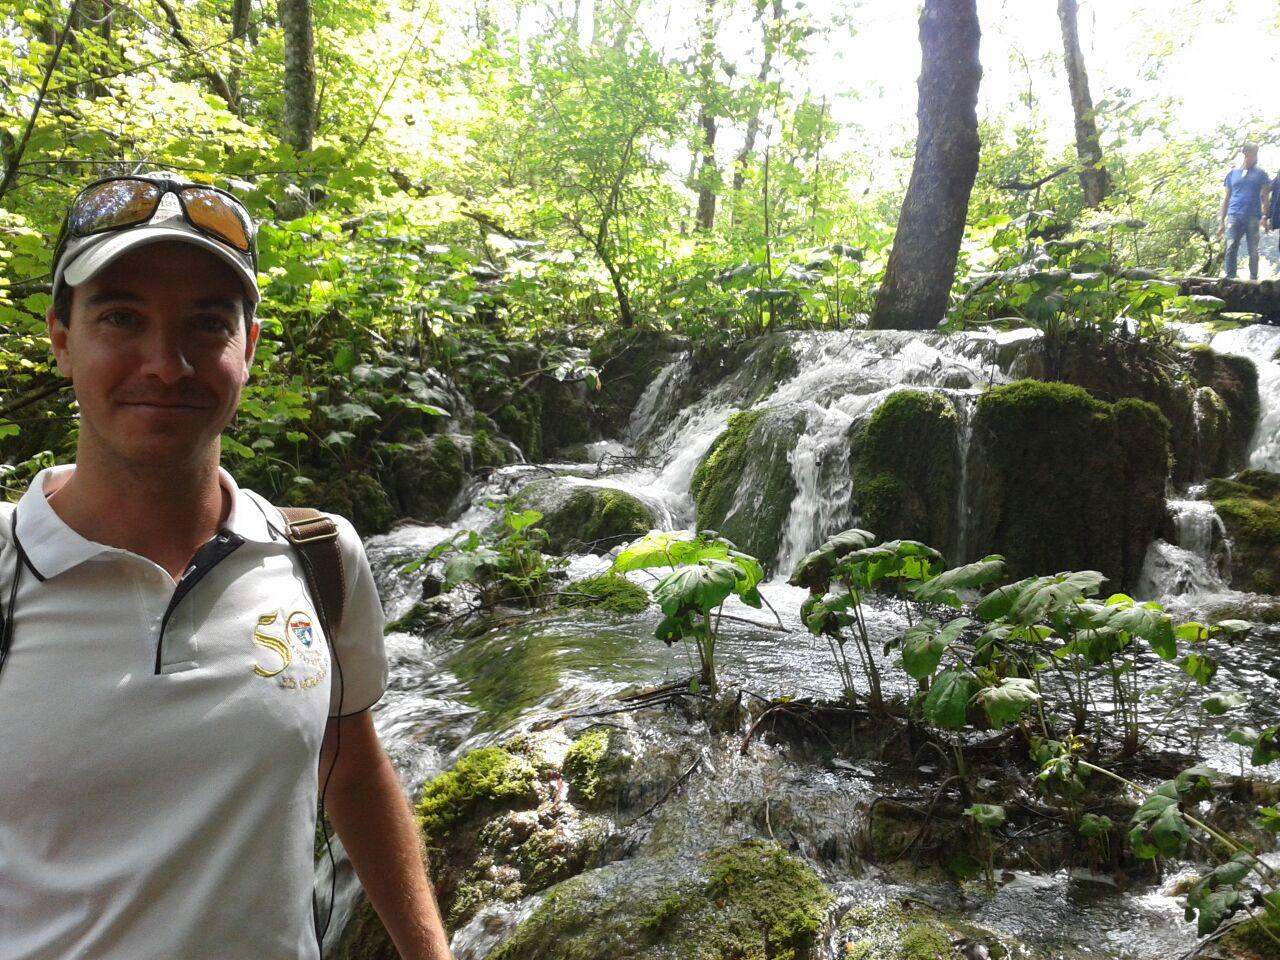 Villalba nos envía otra foto, desde los lagos croatas de Plitvice, en la EDM por el mundo